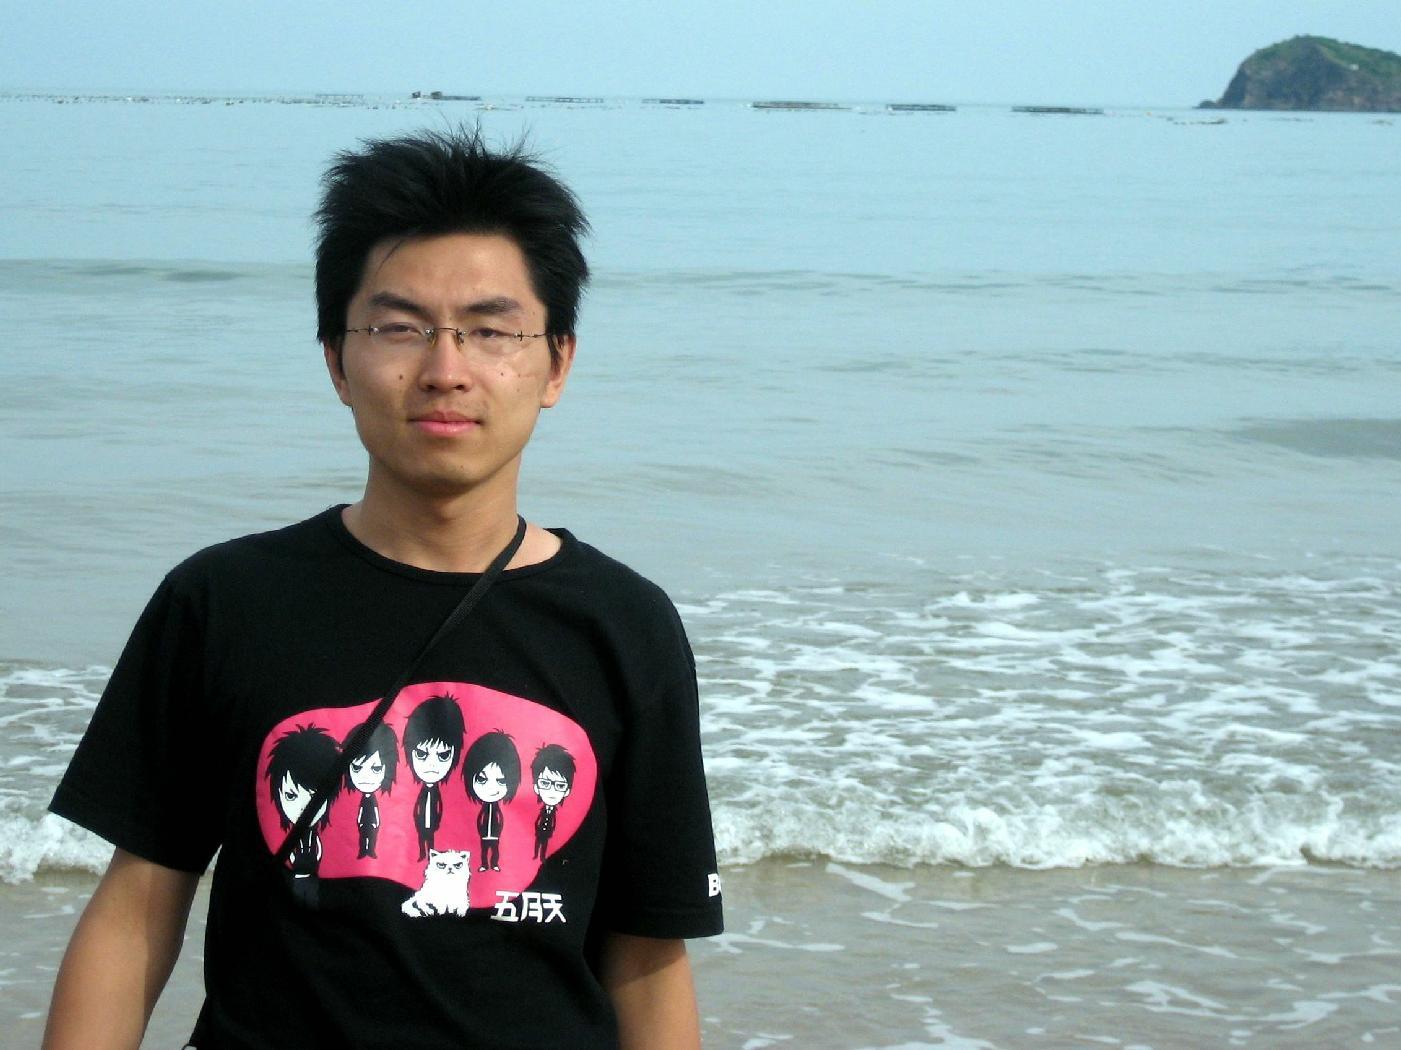 Shaozhuang Liu